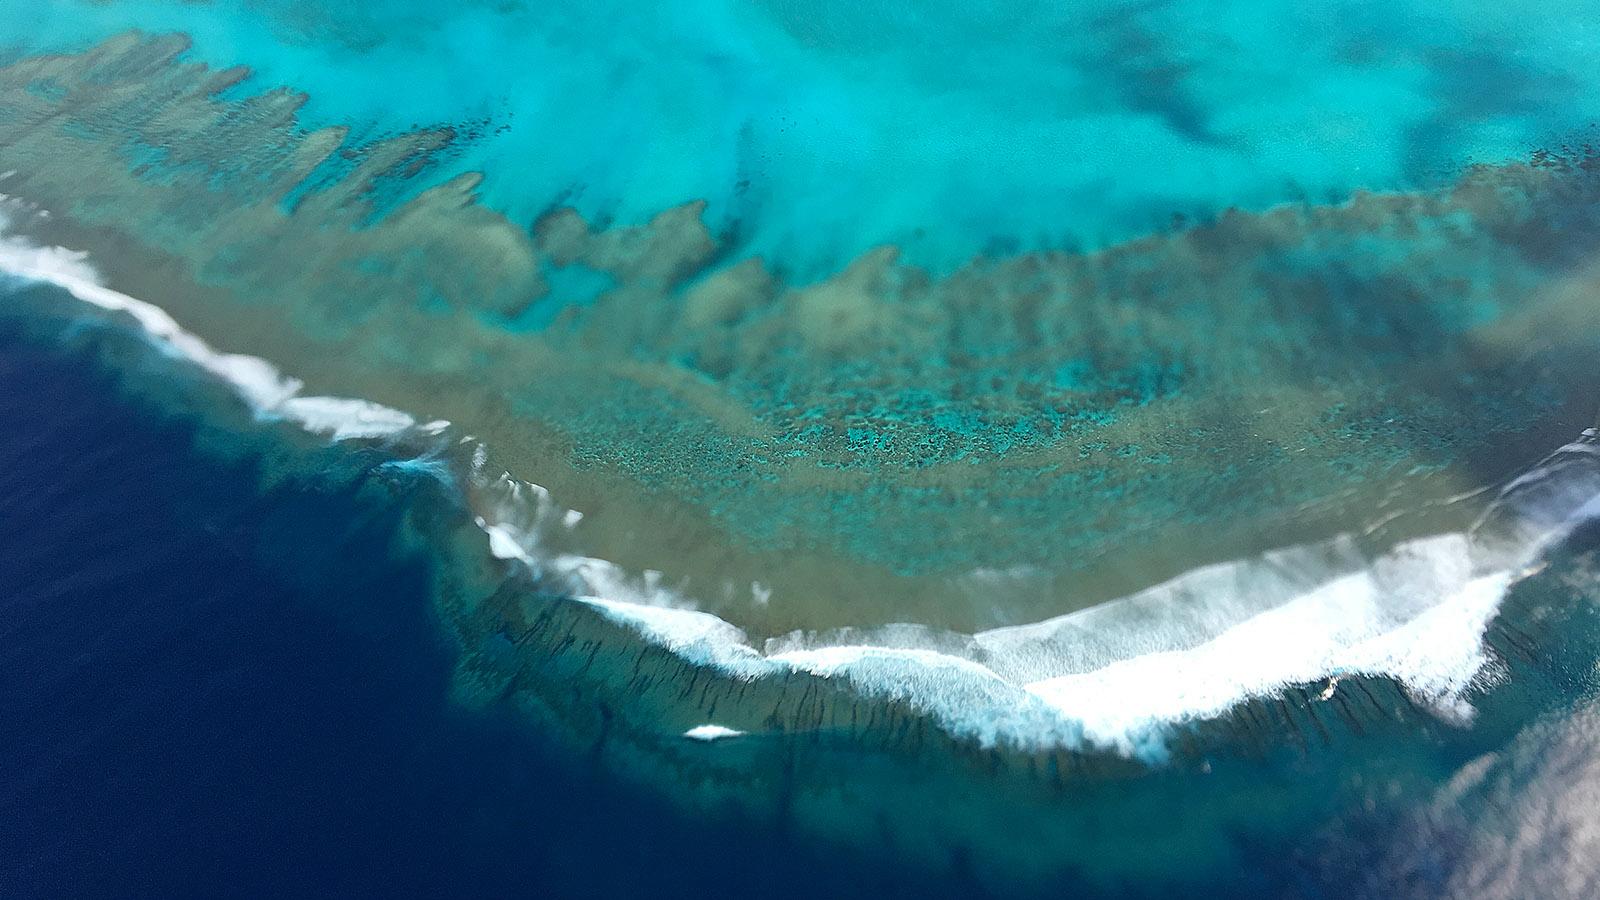 Die weltgrößte Lagune umgibt Neukaledoniens Inseln. Foto: Hilke Maunder